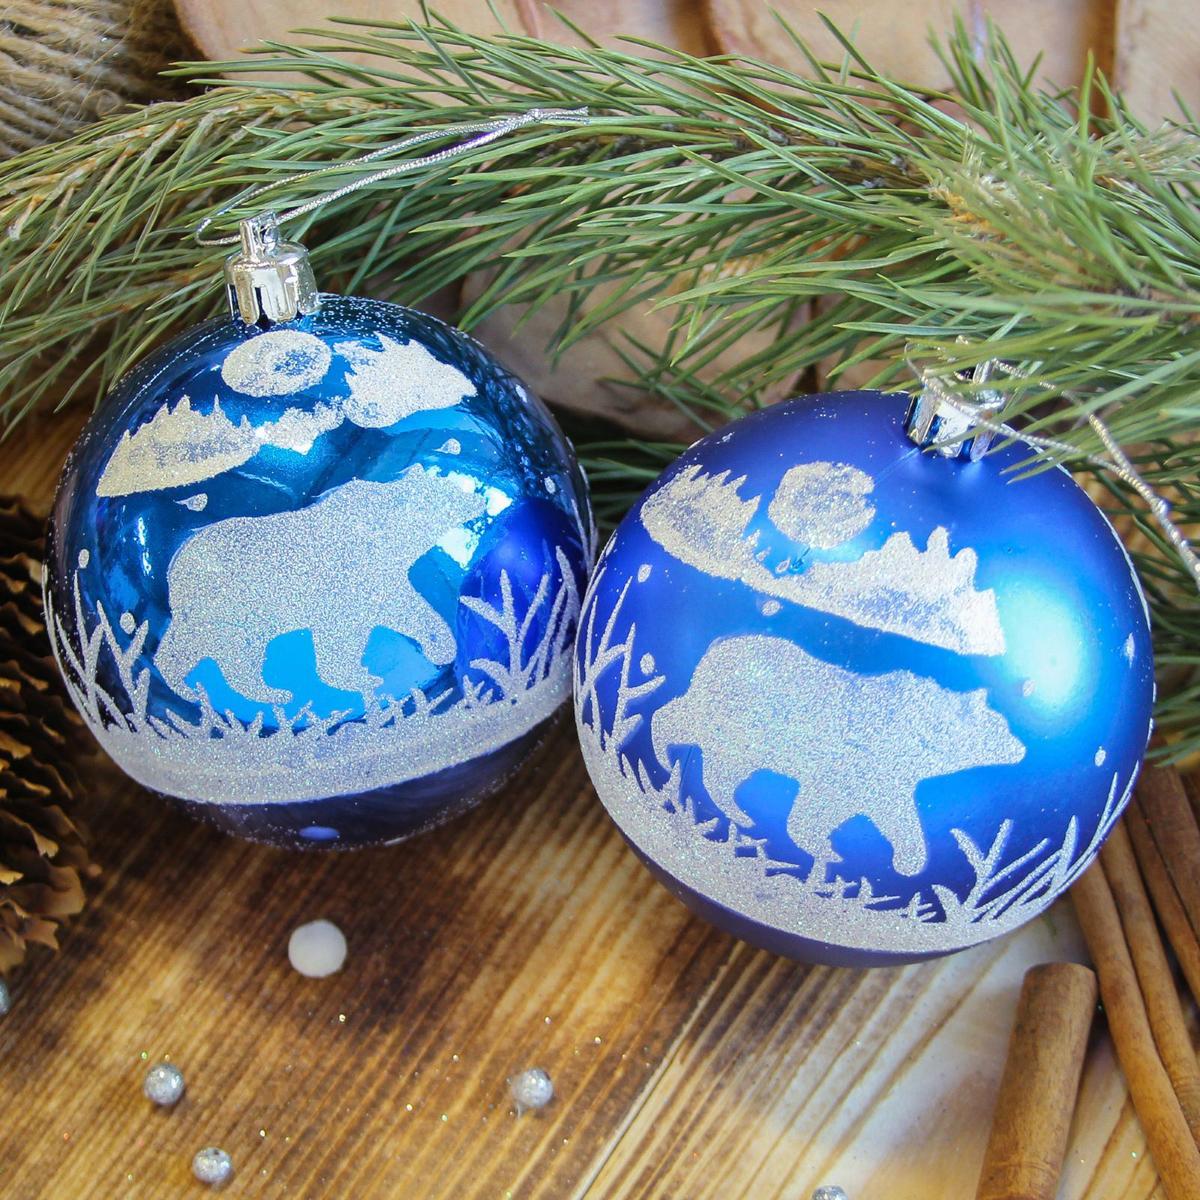 Набор новогодних подвесных украшений Sima-land Северный мишка, диаметр 8 см, 6 шт2122973Набор новогодних подвесных украшений Sima-land отлично подойдет для декорации вашего дома и новогодней ели. С помощью специальной петельки украшение можно повесить в любом понравившемся вам месте. Но, конечно, удачнее всего оно будет смотреться на праздничной елке. Елочная игрушка - символ Нового года. Она несет в себе волшебство и красоту праздника. Создайте в своем доме атмосферу веселья и радости, украшая новогоднюю елку нарядными игрушками, которые будут из года в год накапливать теплоту воспоминаний.